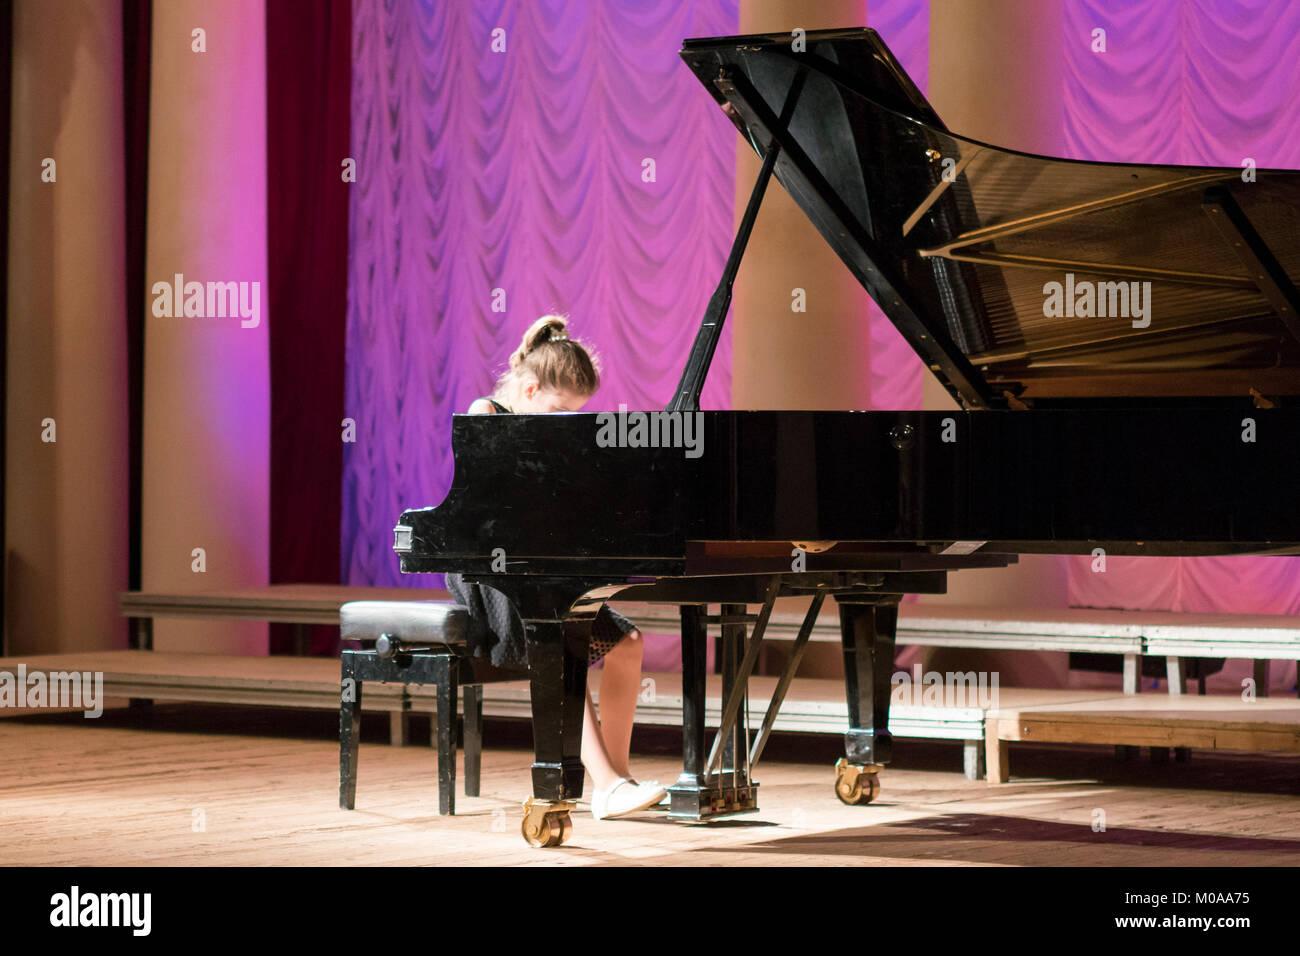 Kleines Mädchen spielt auf einer großen schwarzen Piano Stockfoto